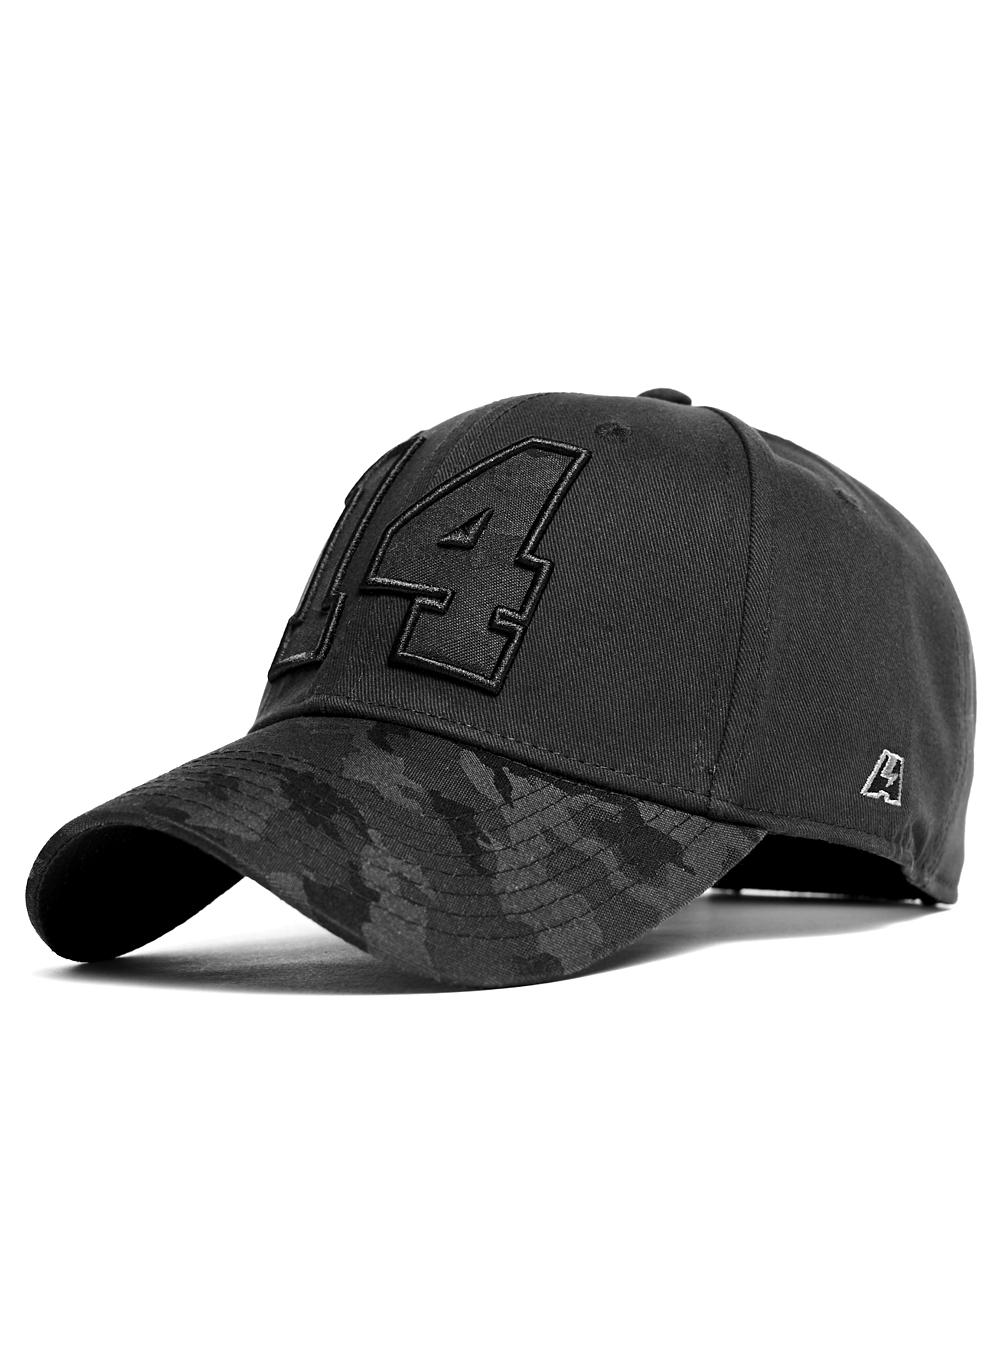 Бейсболка №14 Набабкин, цвет черныйБейсболки<br>Бейсболка №14 Набабкин, цвет черный<br>